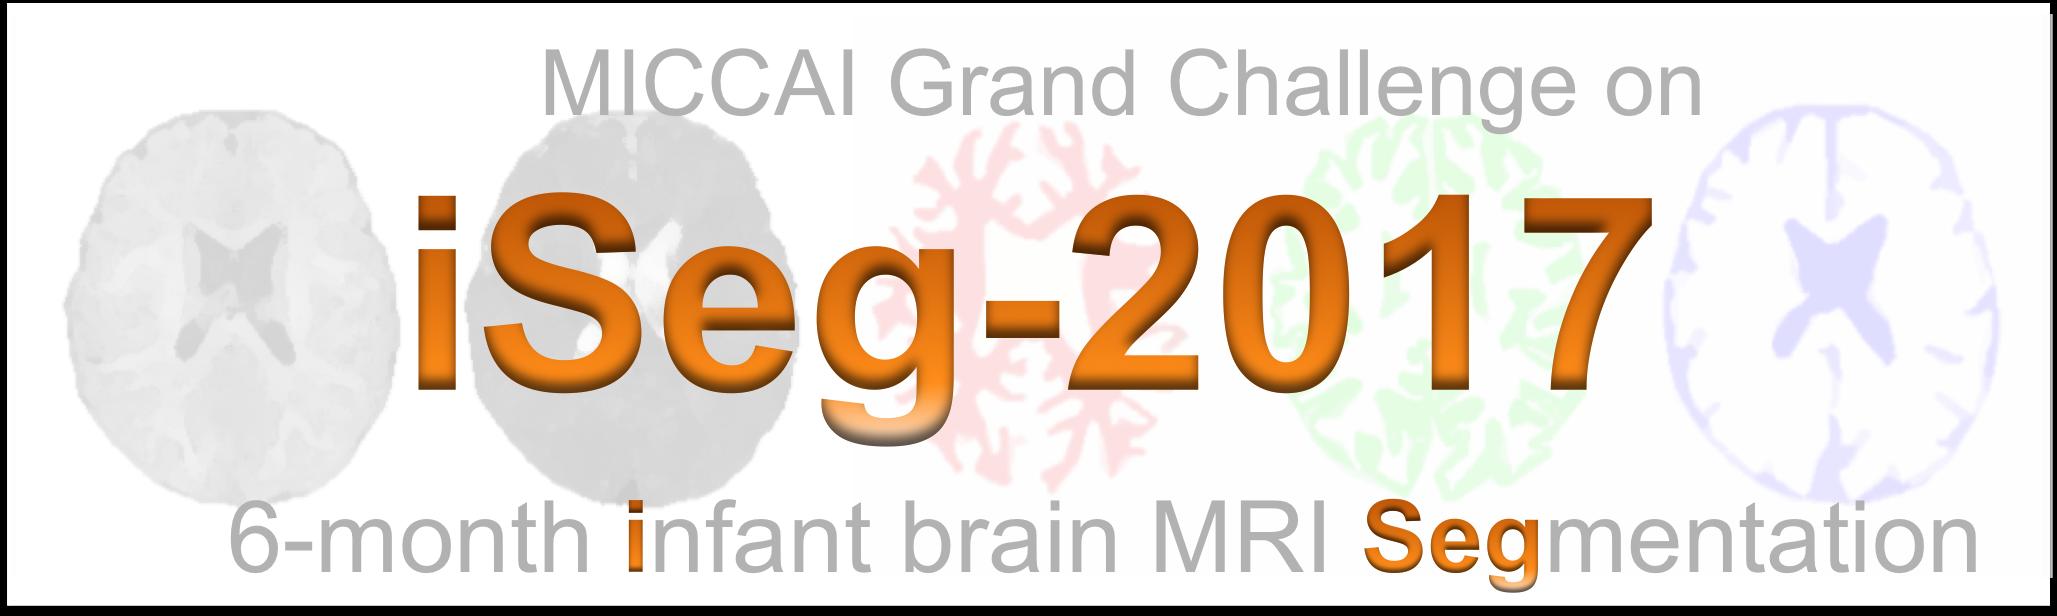 iSeg-2017